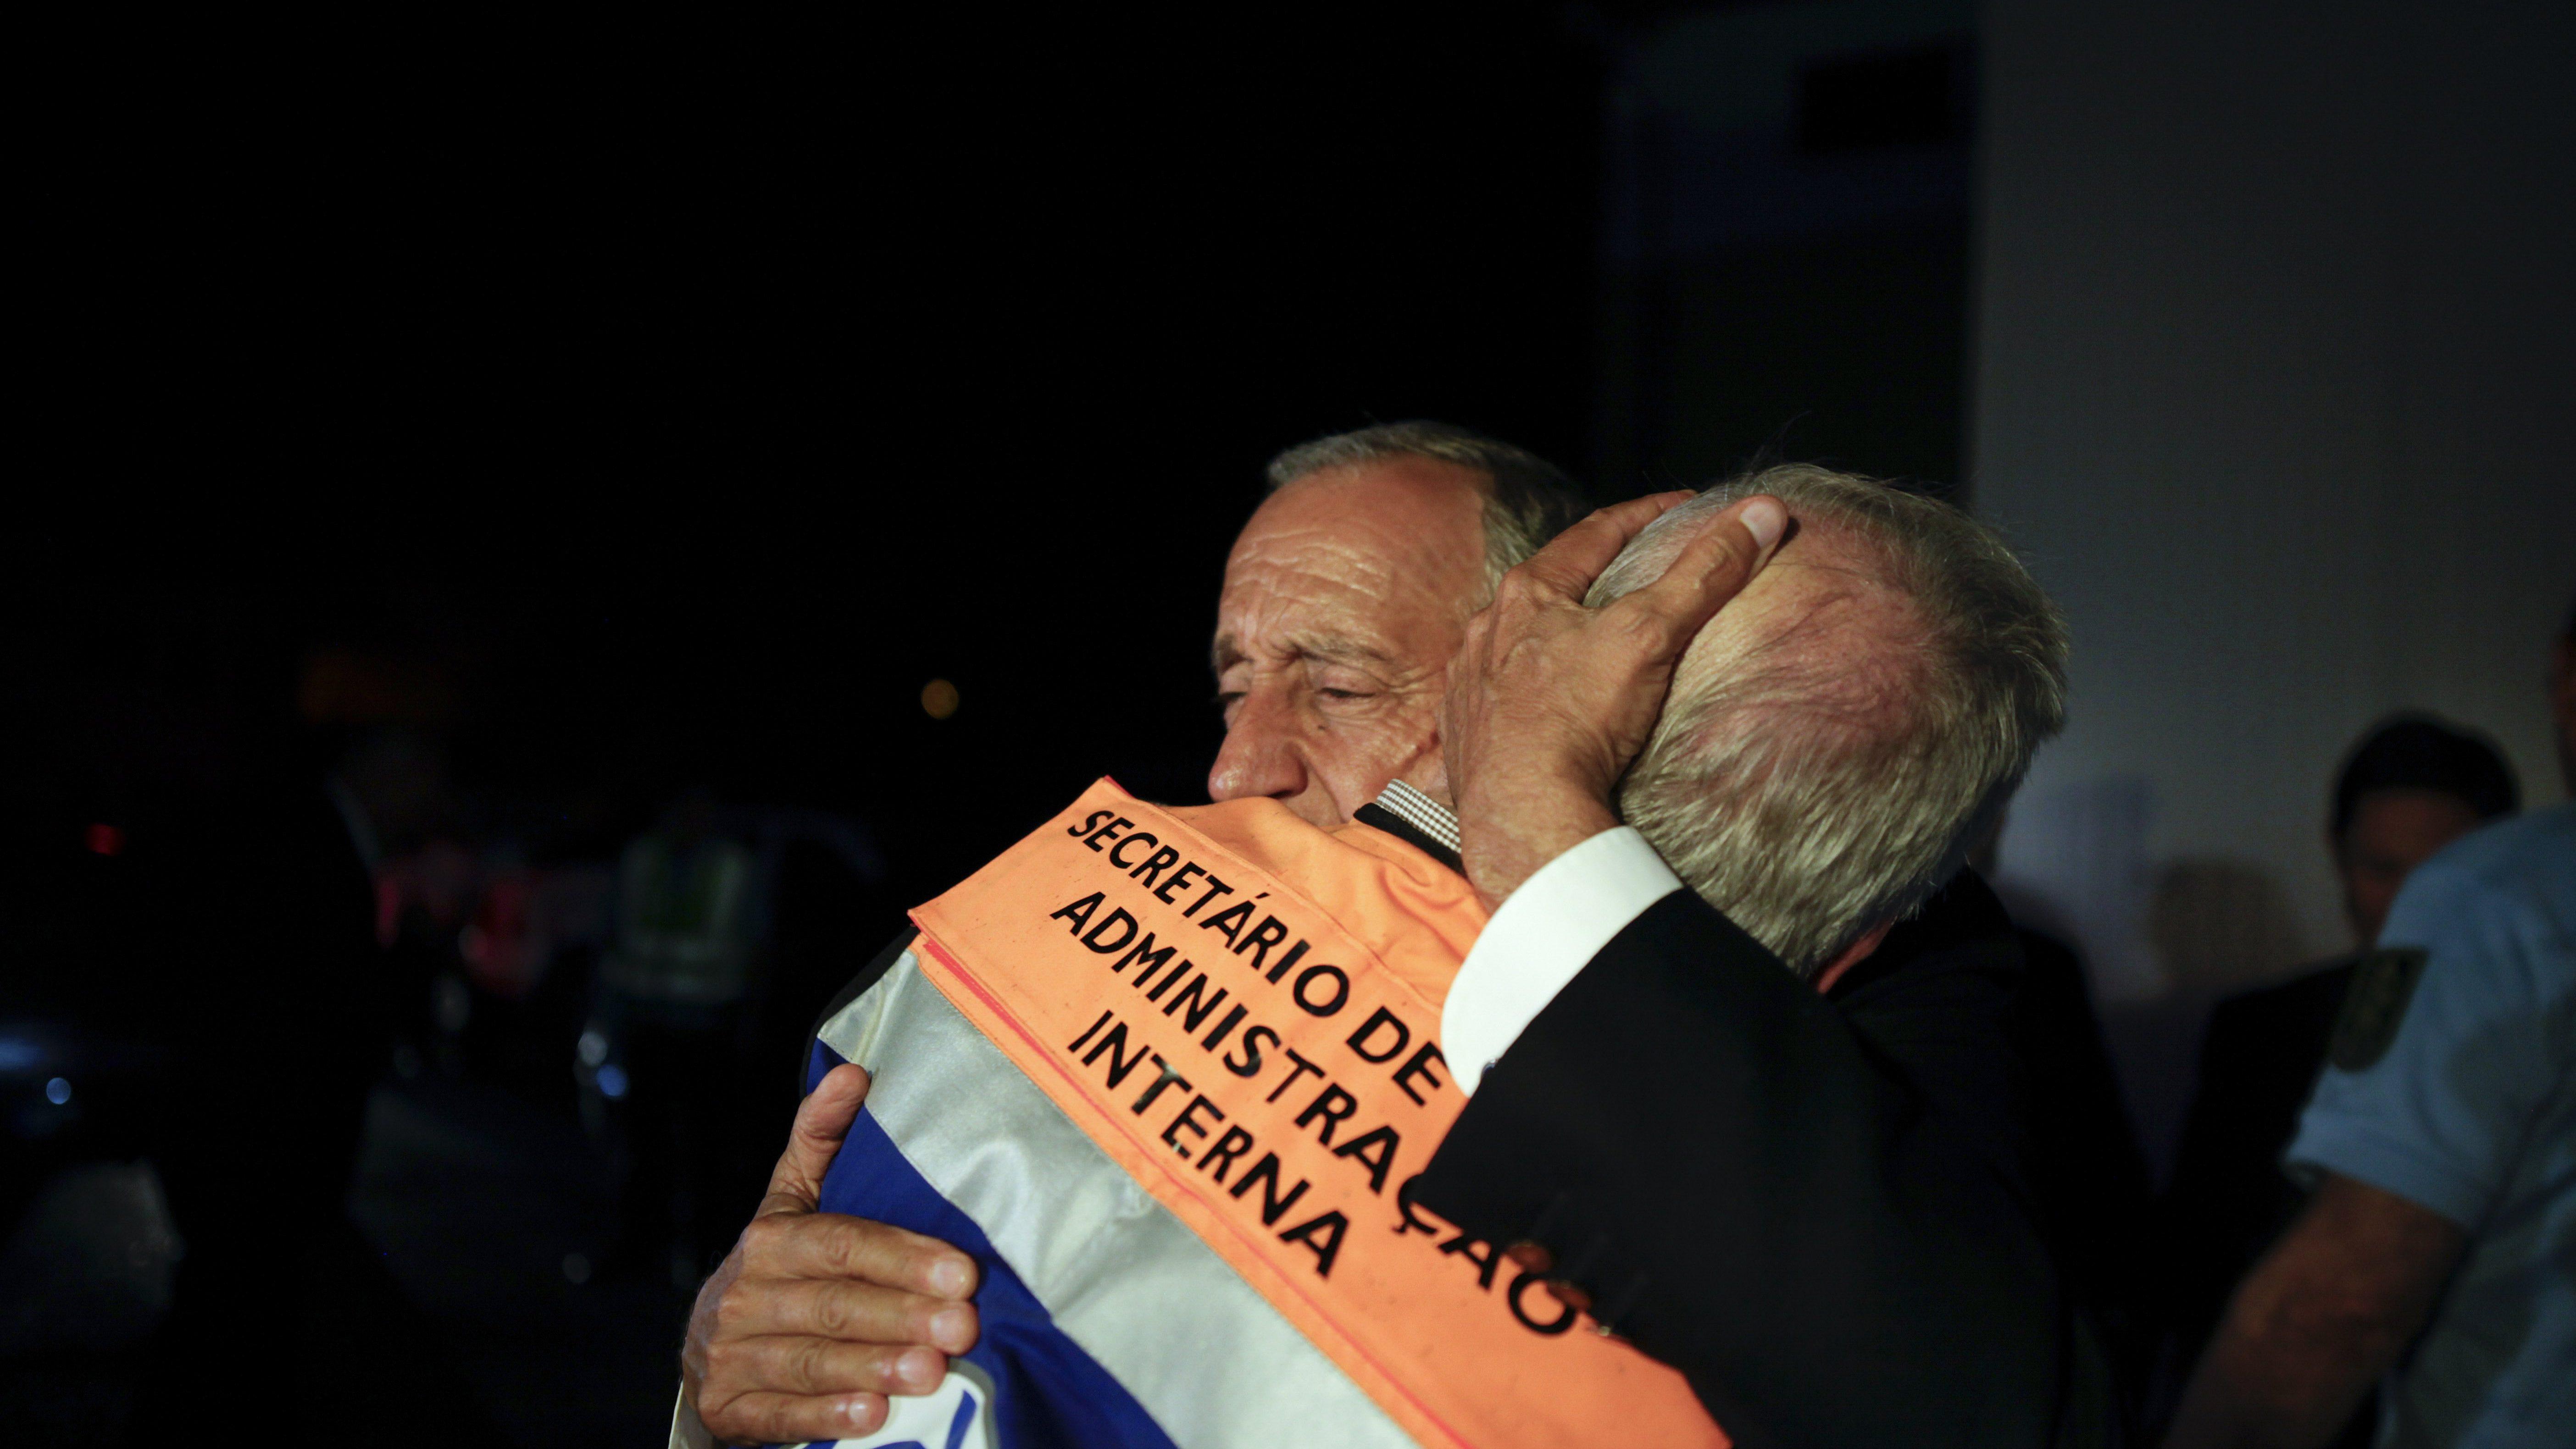 Marcelo leva portugueses a confiarem mais na Presidência